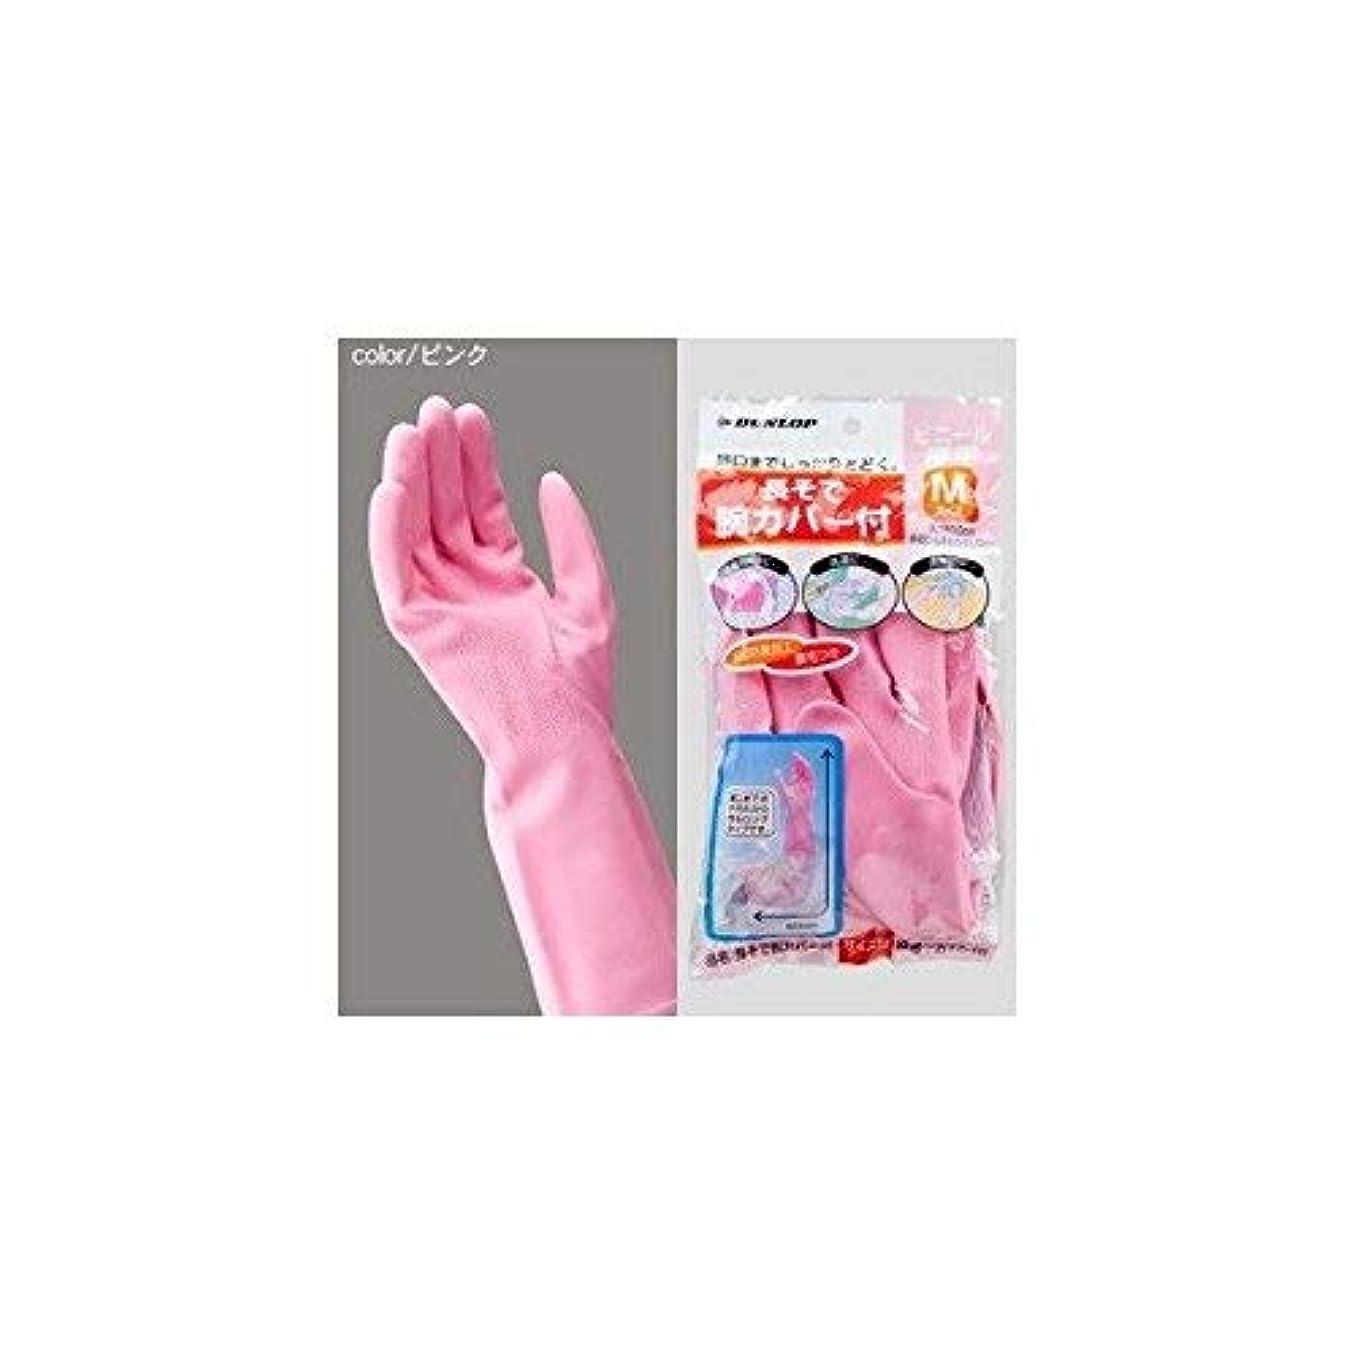 ヤング変形するイデオロギーダンロップ ビニール手袋 厚手腕カバー付 M ピンク ×30個